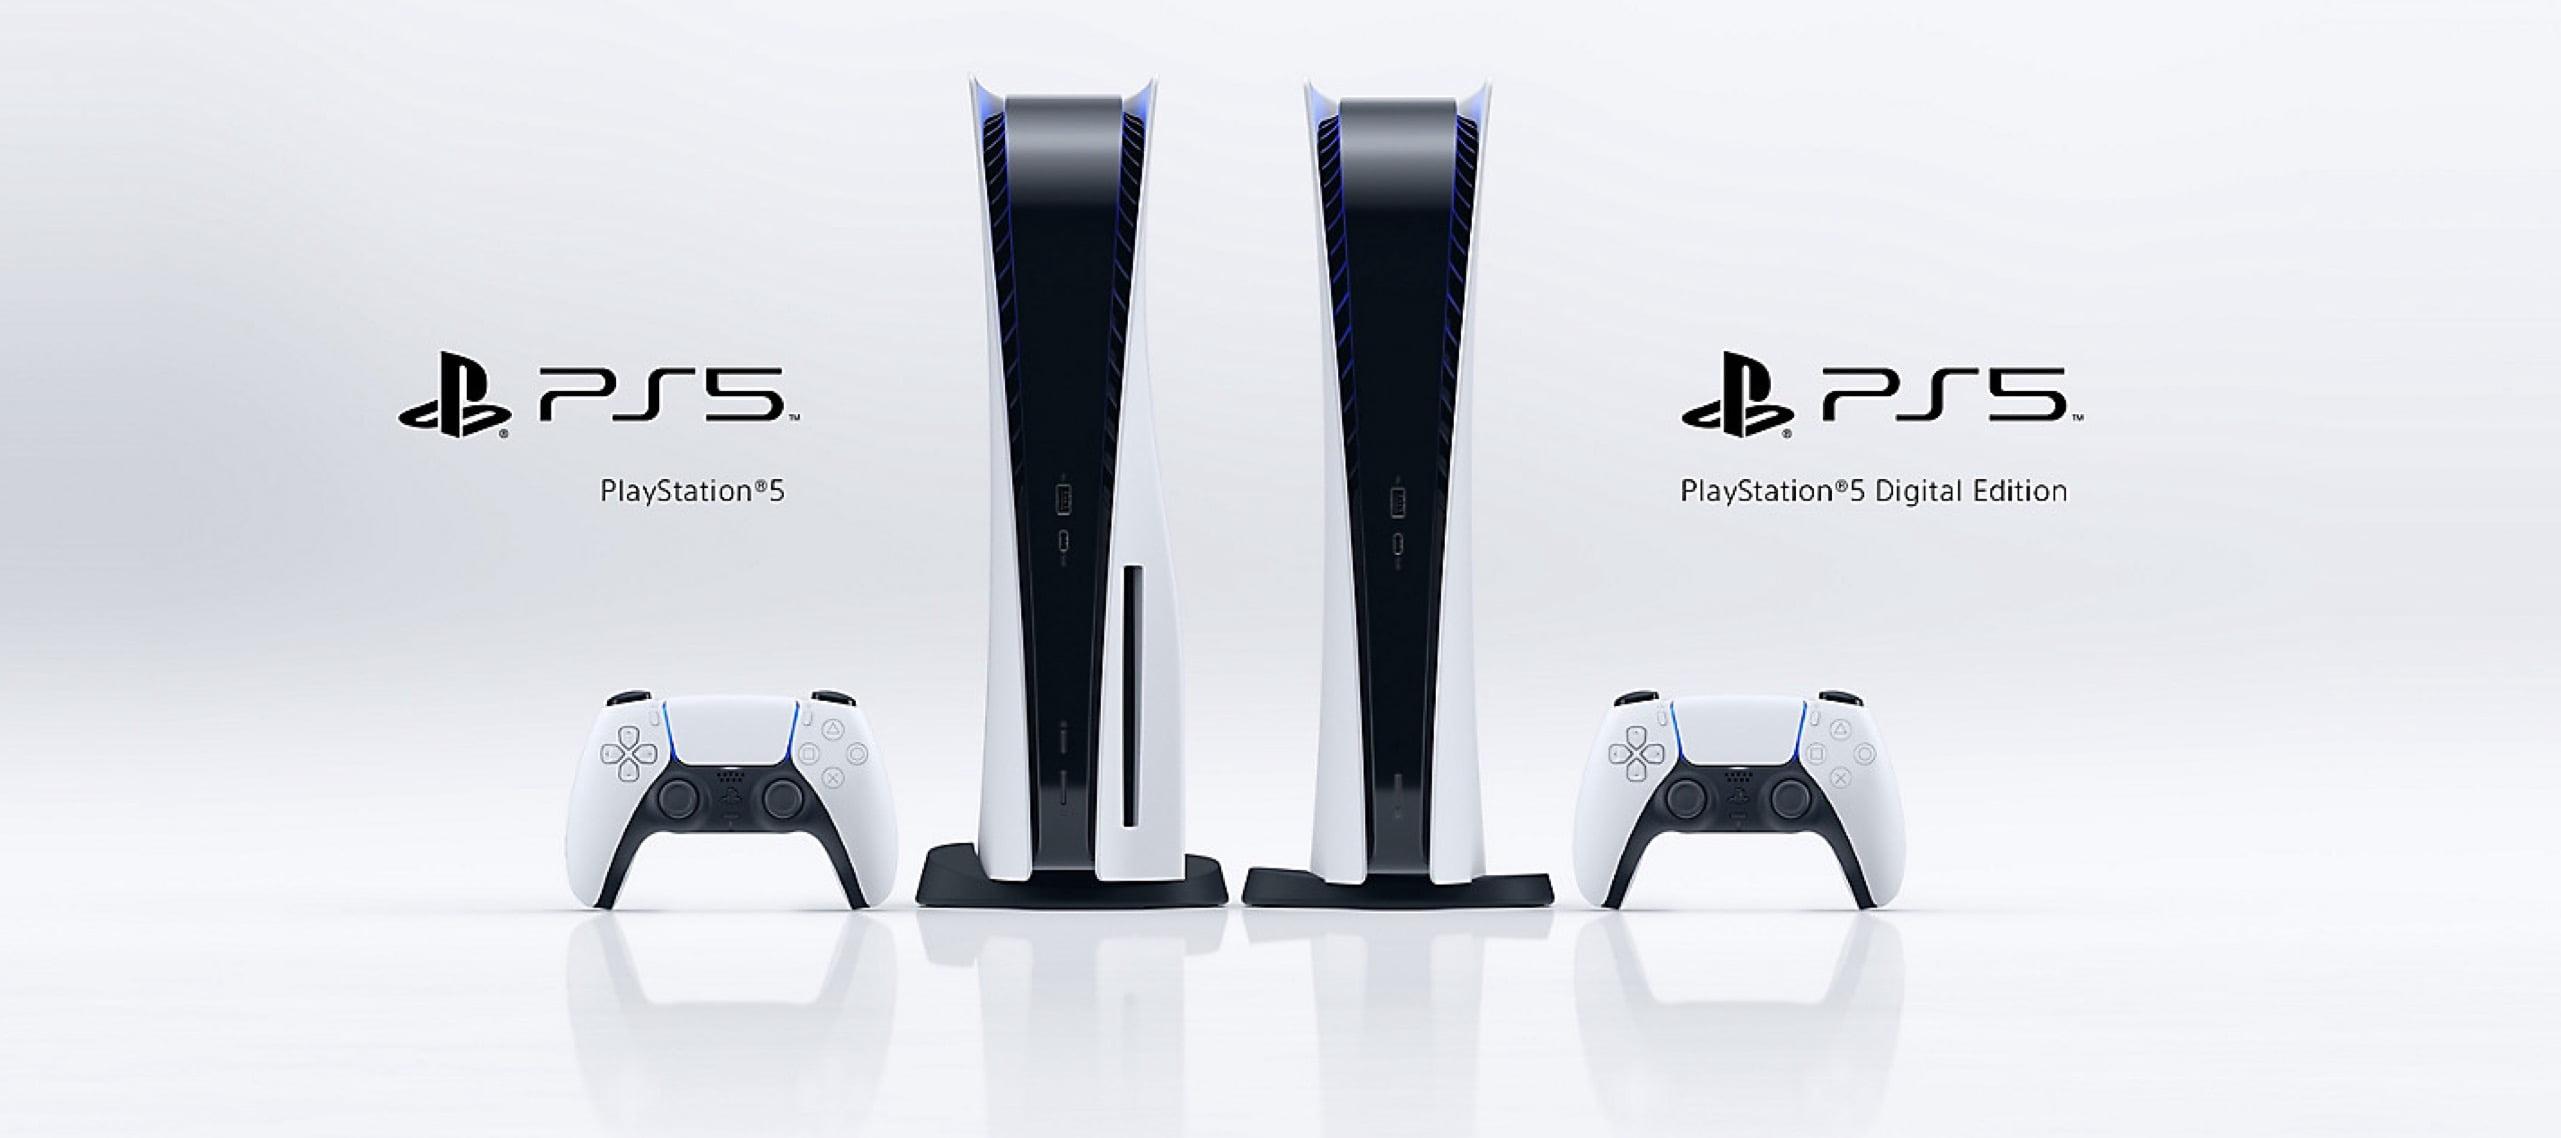 PlayStation 5 ön sipariş